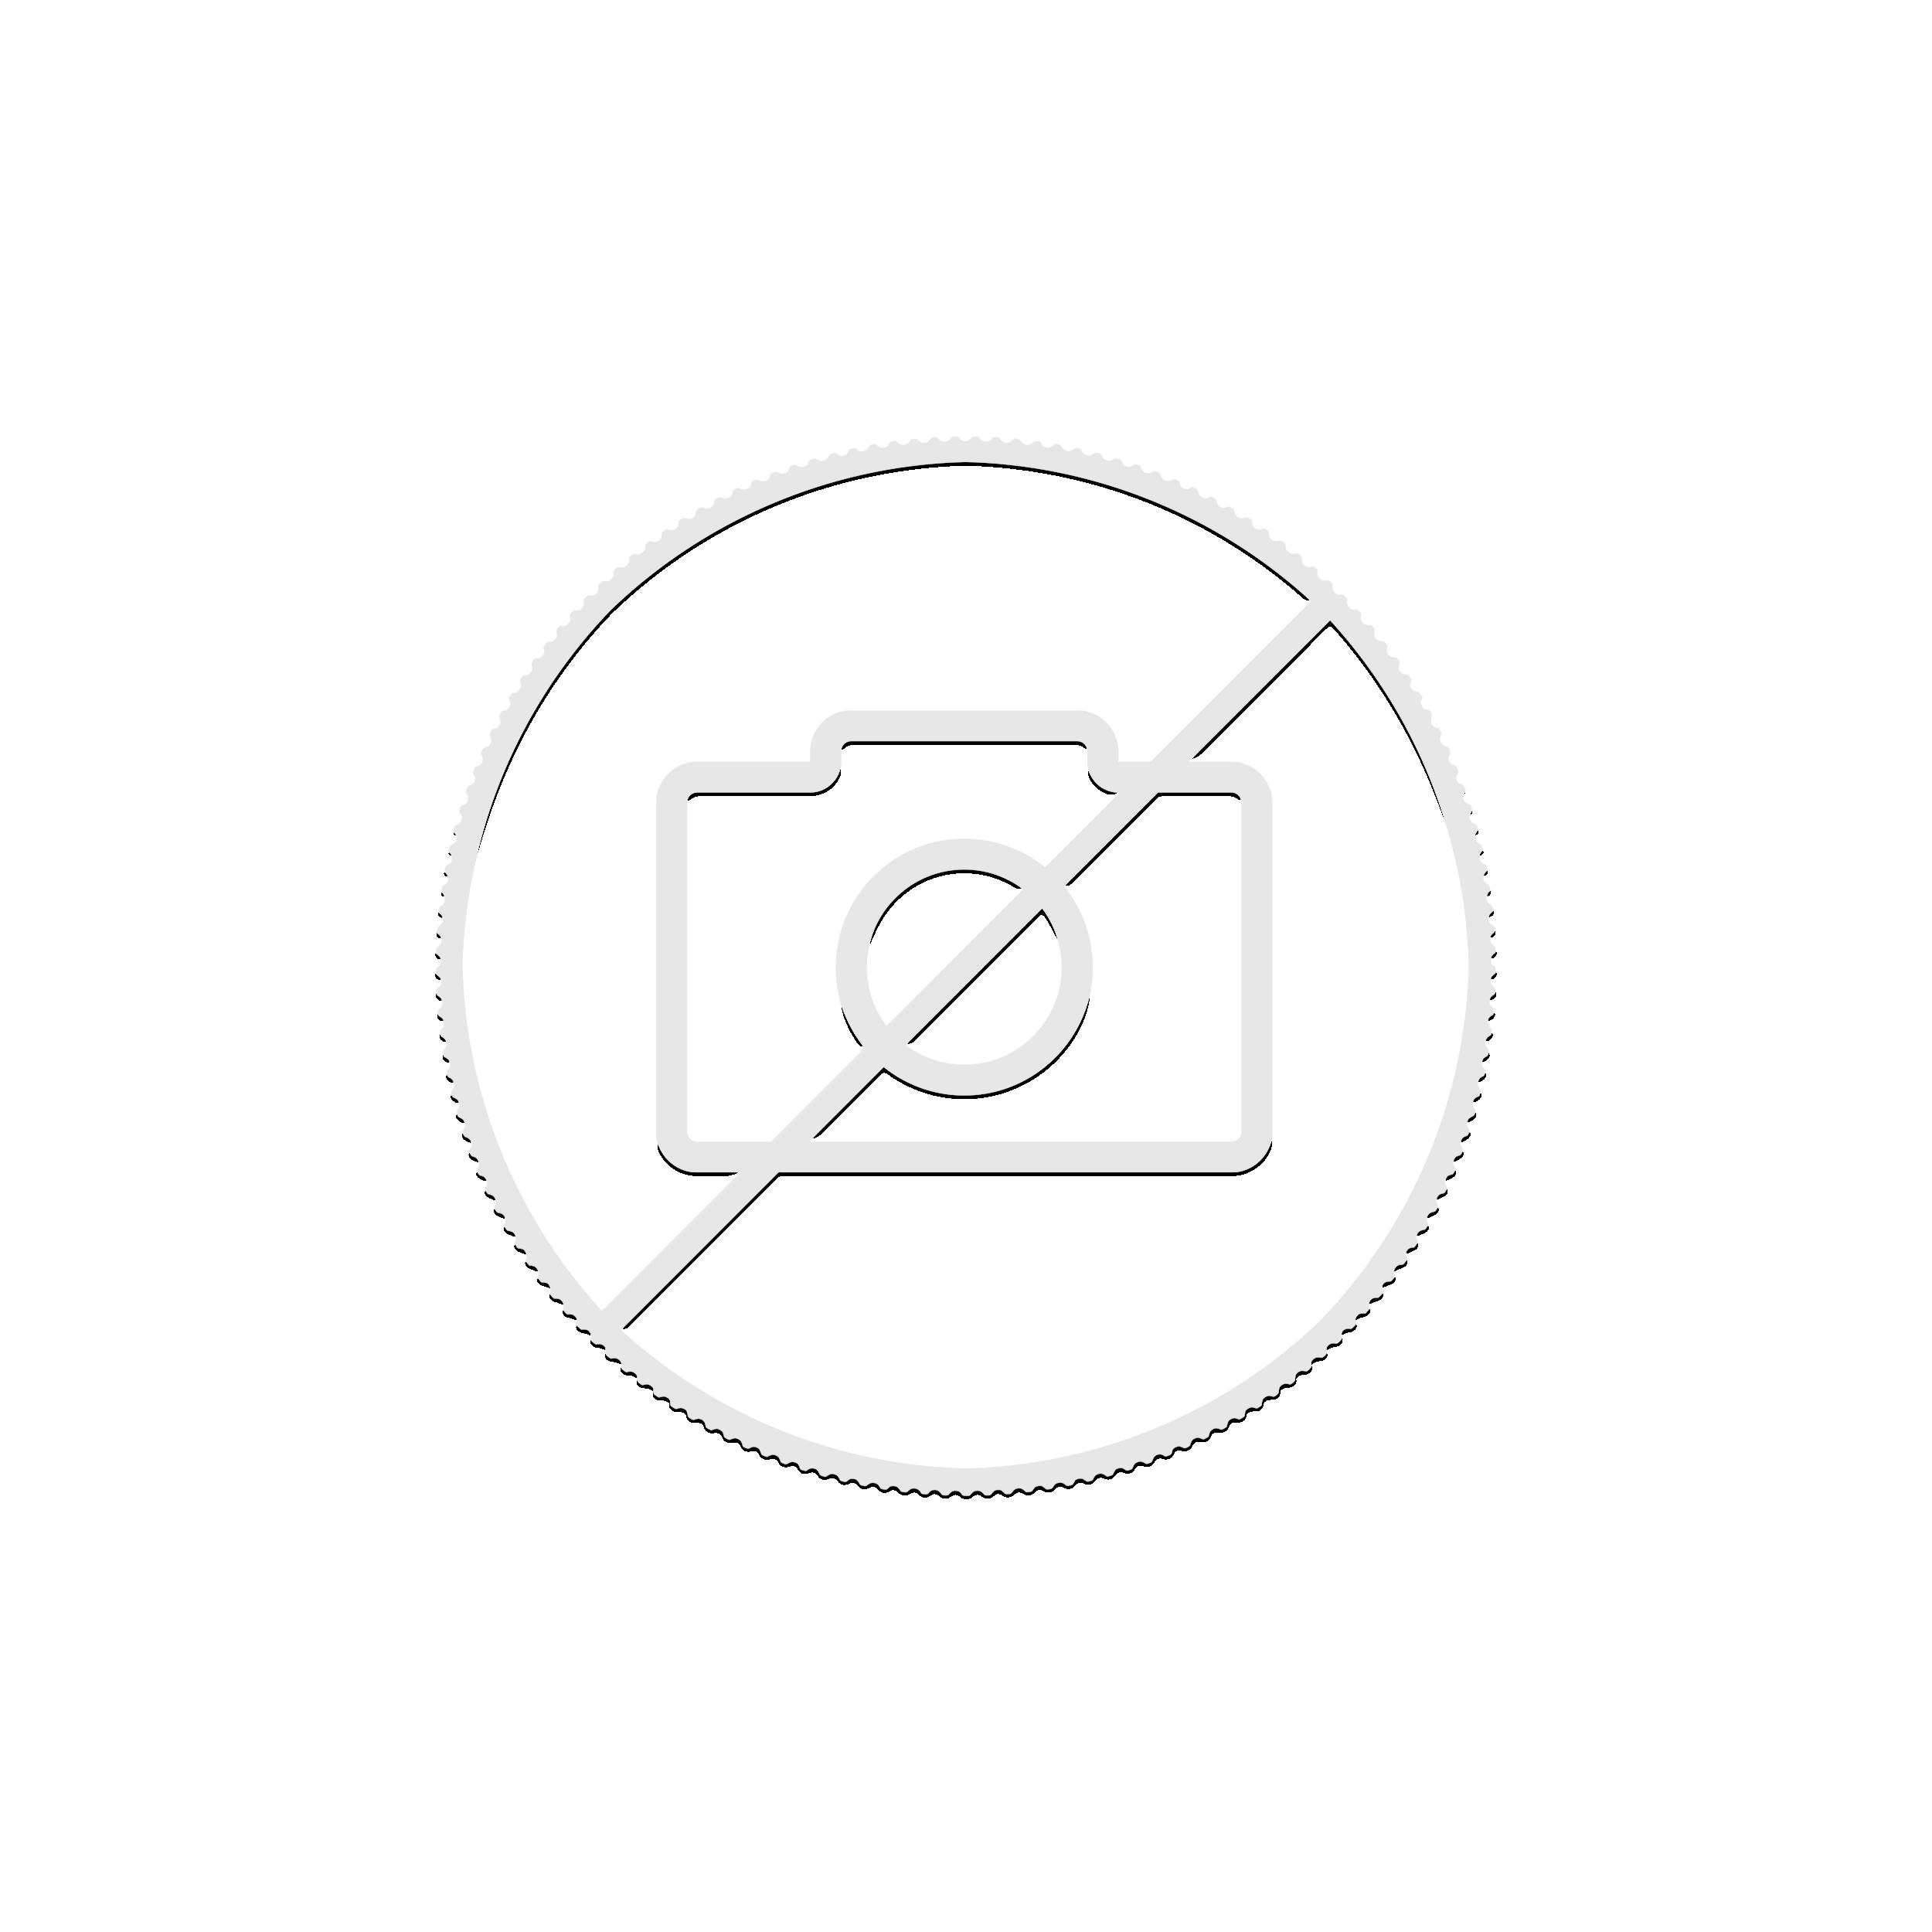 2 troy ounces silver coin tears of the moon 2021